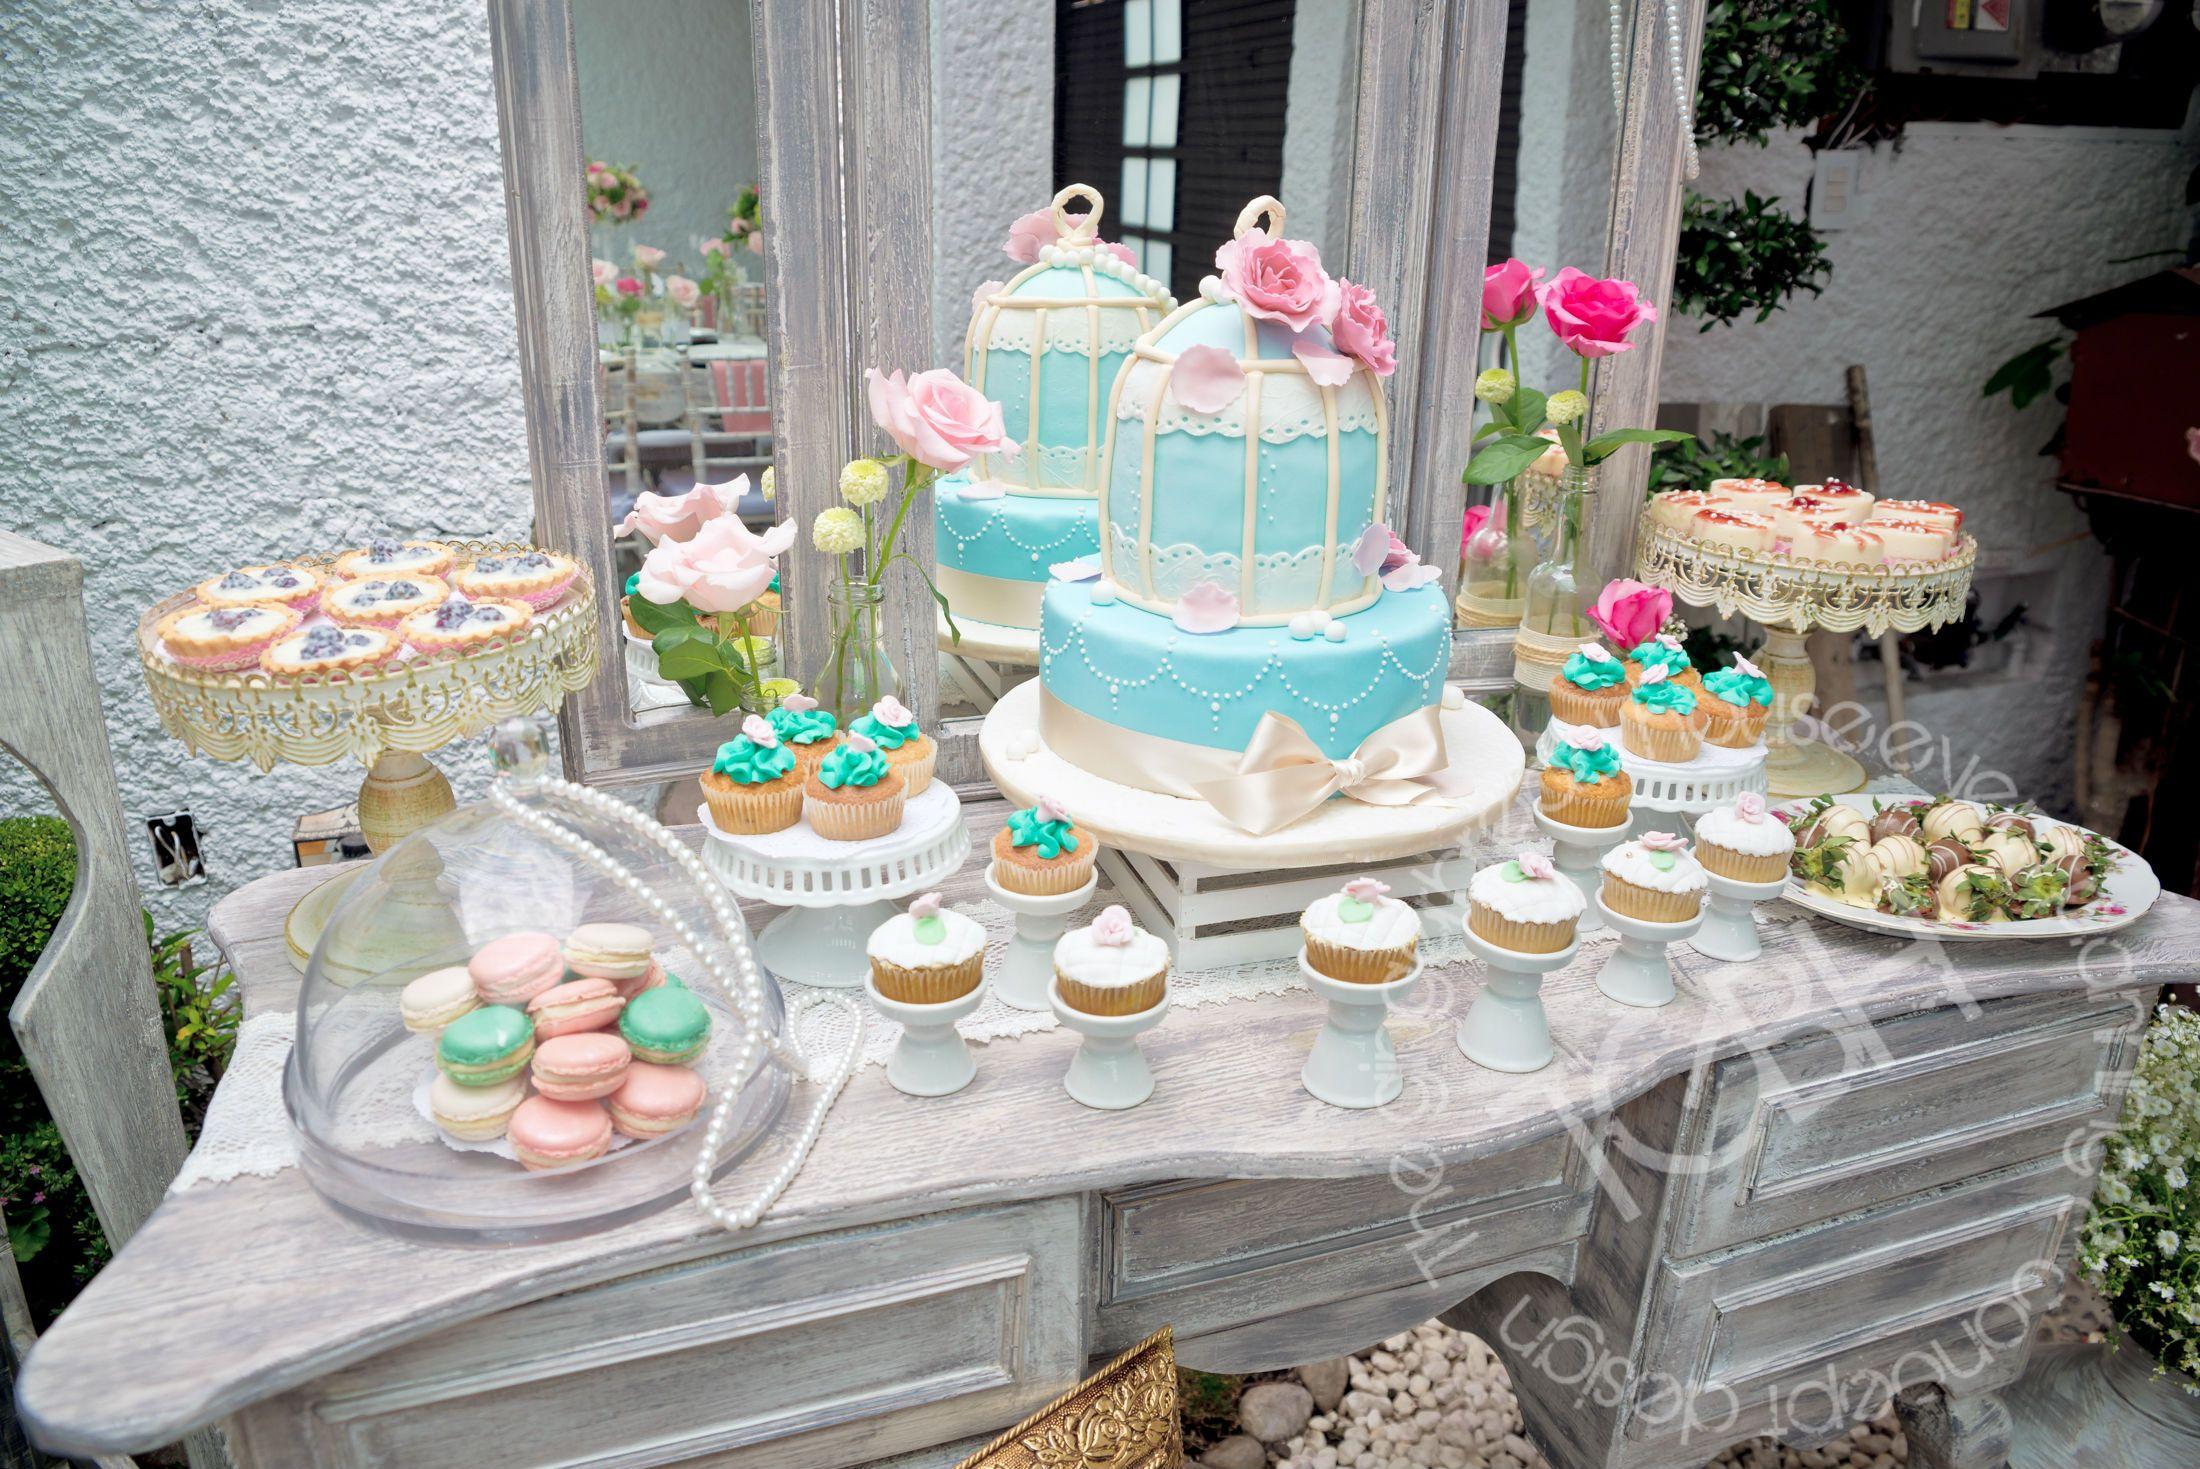 Shabby chic birthday party shabby chic dessert table